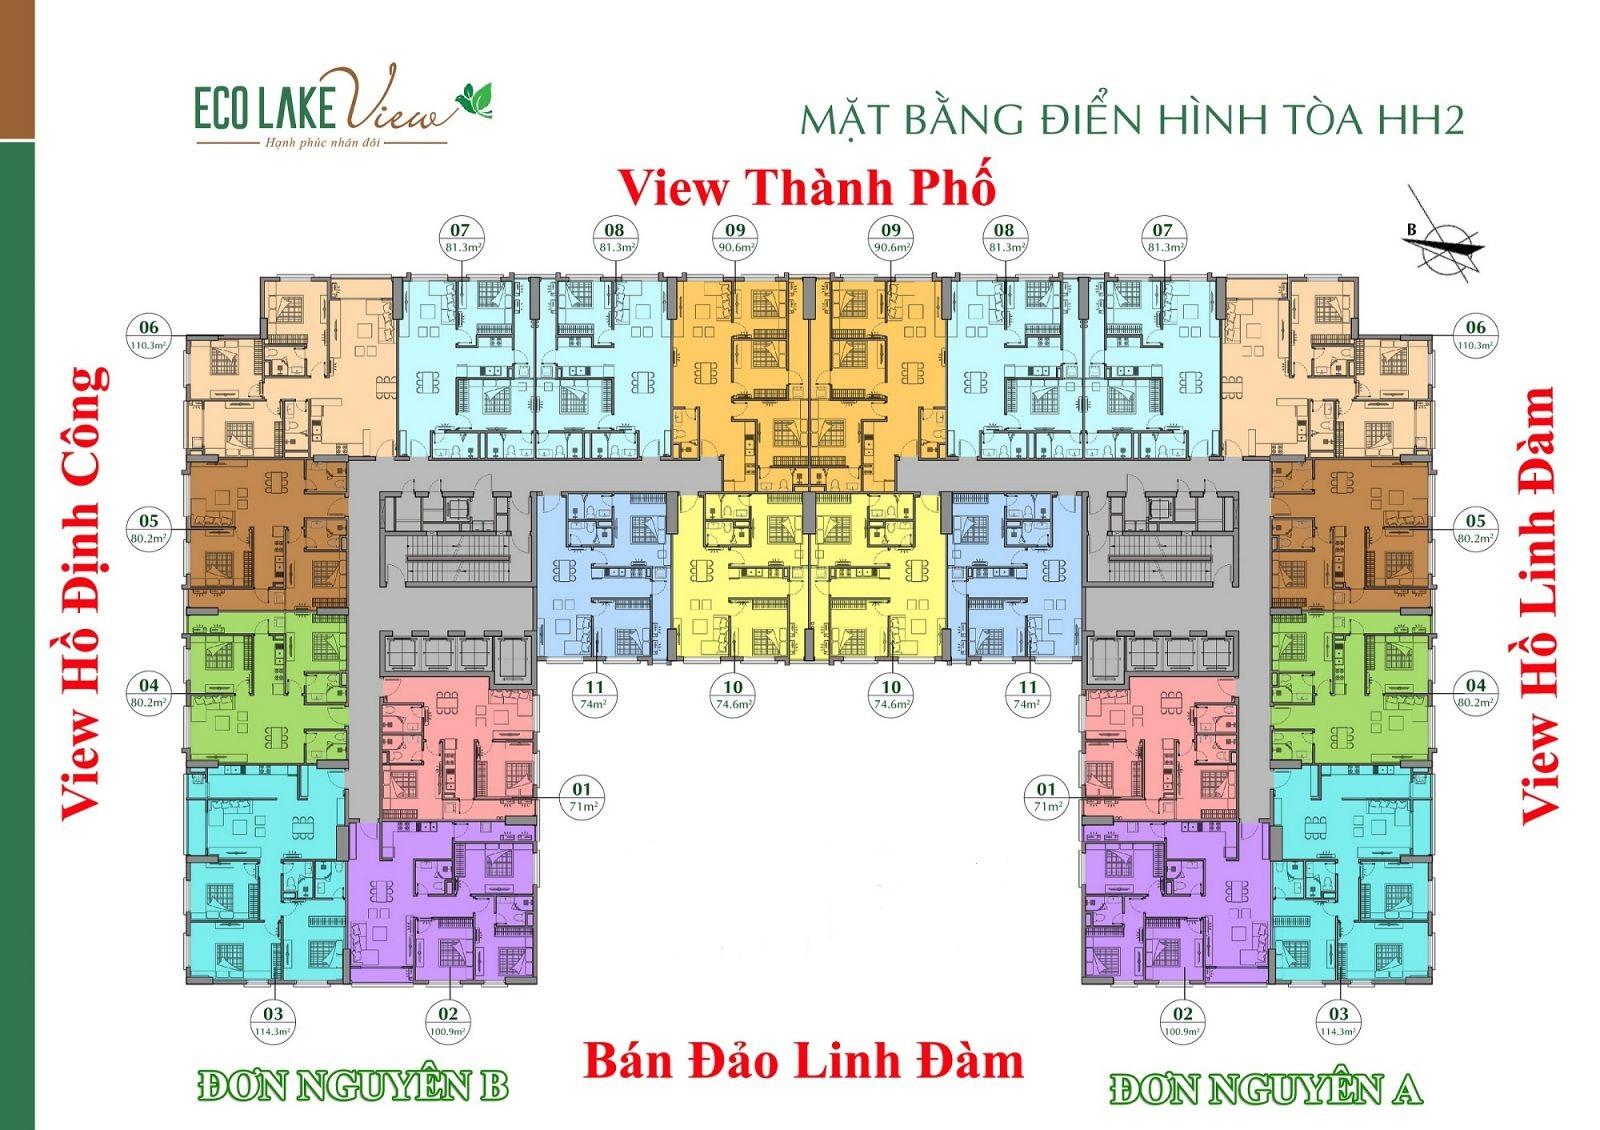 Bản đồ dự án căn hộ Eco Lake View Đại Từ